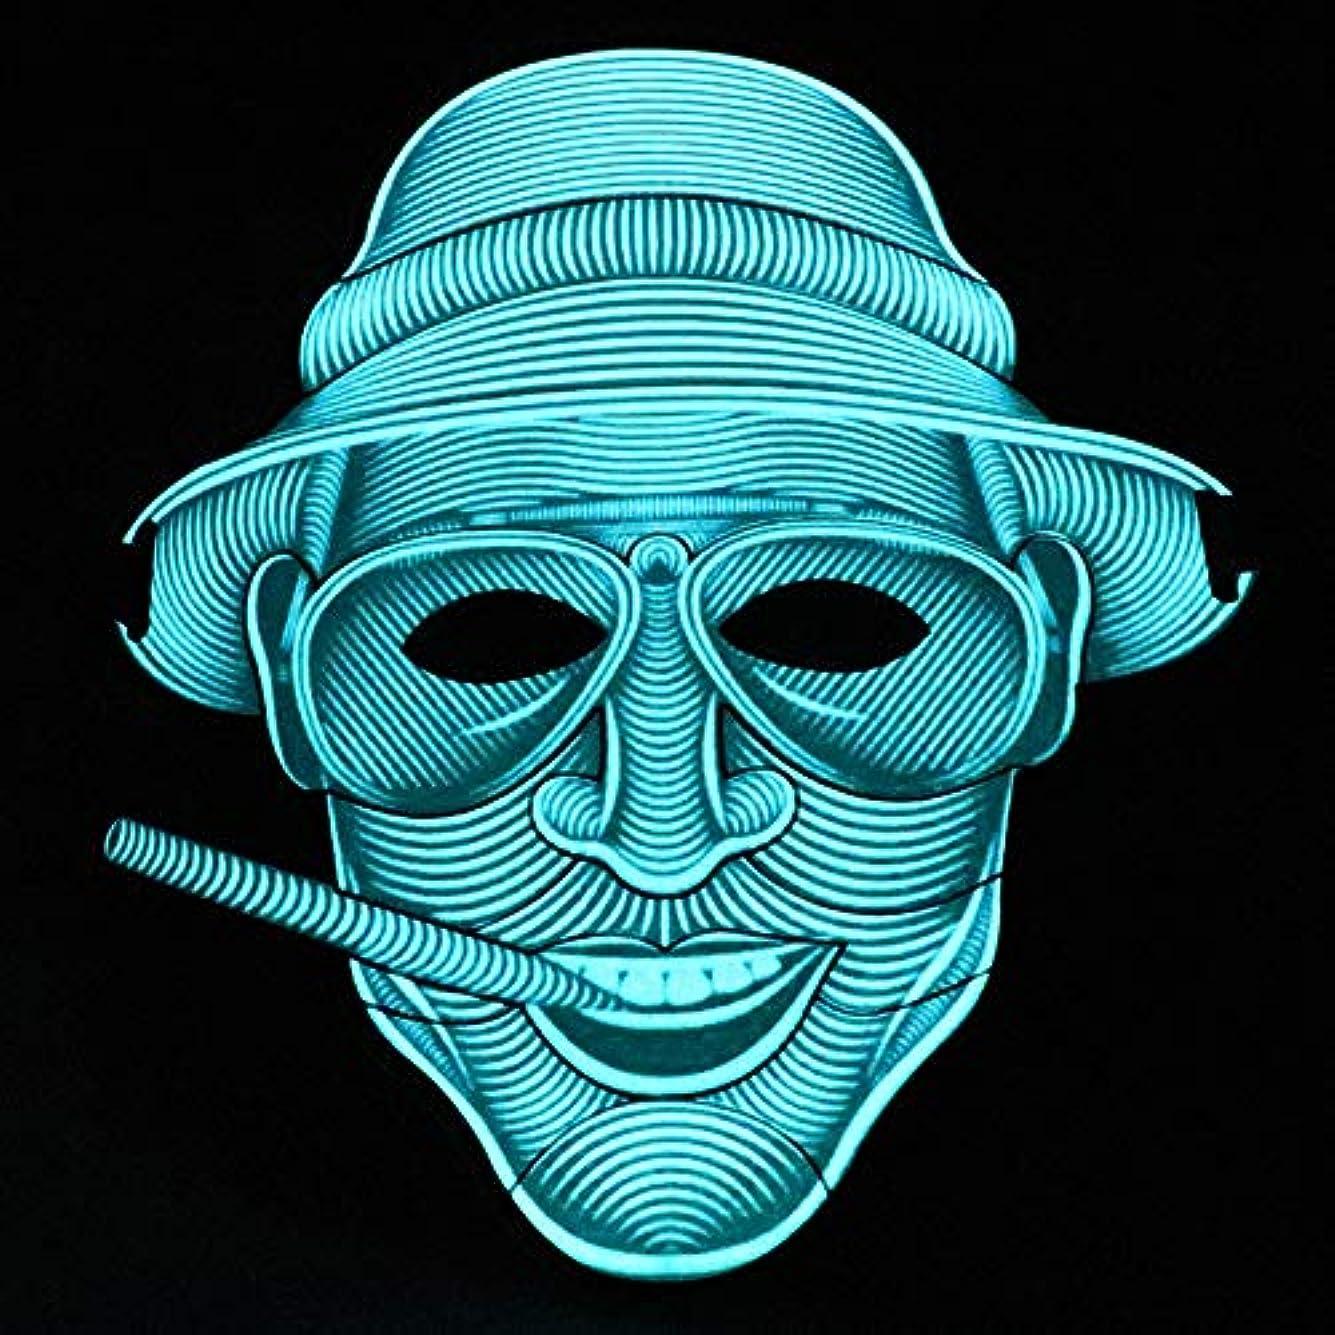 高くスペクトラムドット照らされたマスクLED創造的な冷光音響制御マスクハロウィンバーフェスティバルダンスマスク (Color : #4)